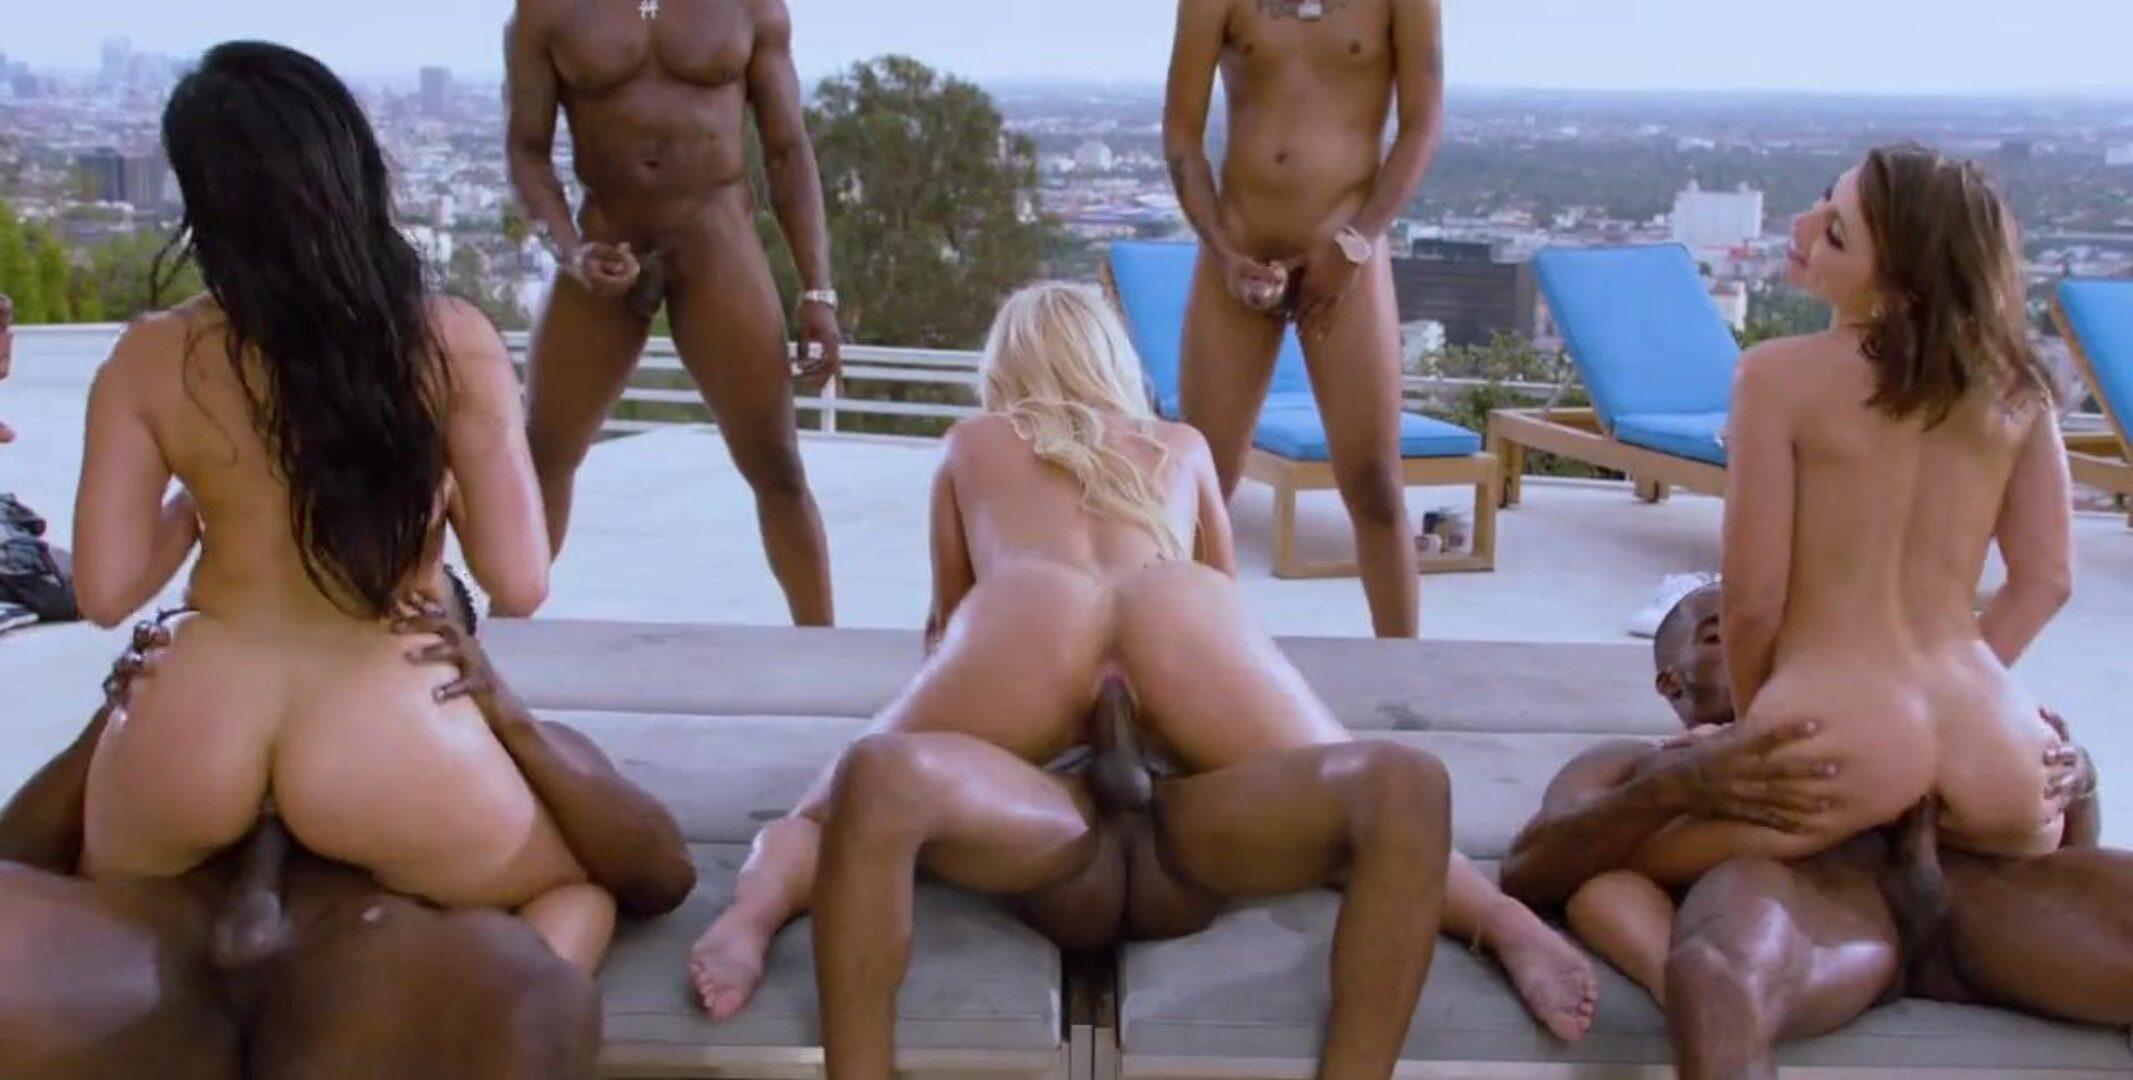 Clip Vidéo De Sexe Porno - XXX BULE